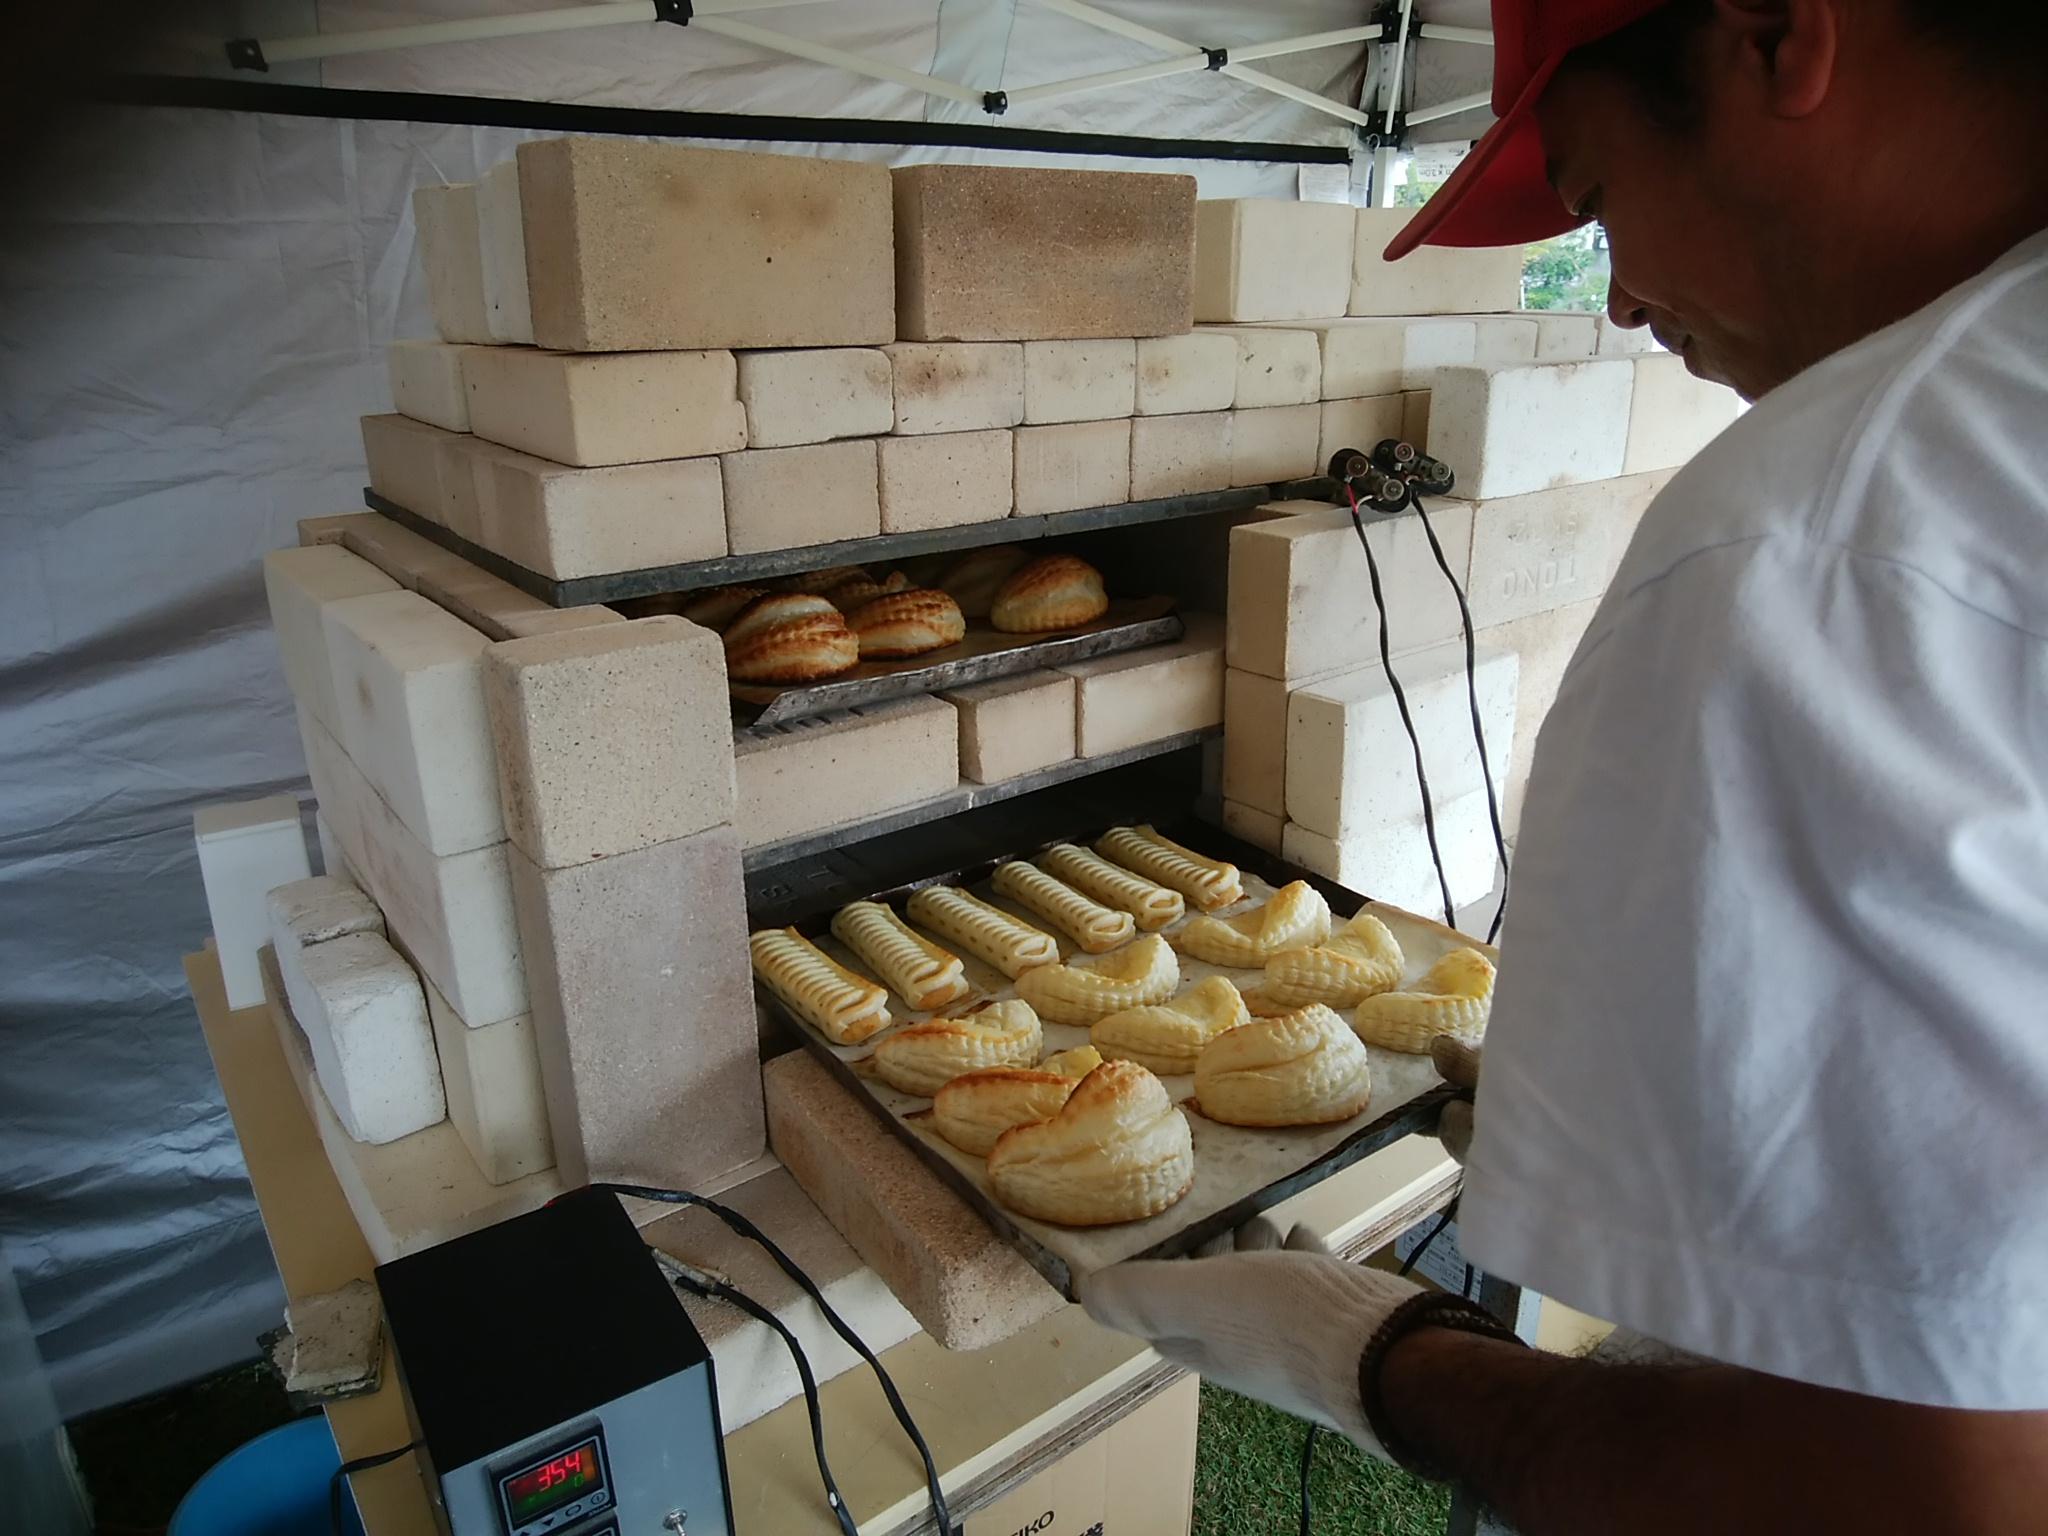 #6 信楽窯焼きアップルパイの秘密